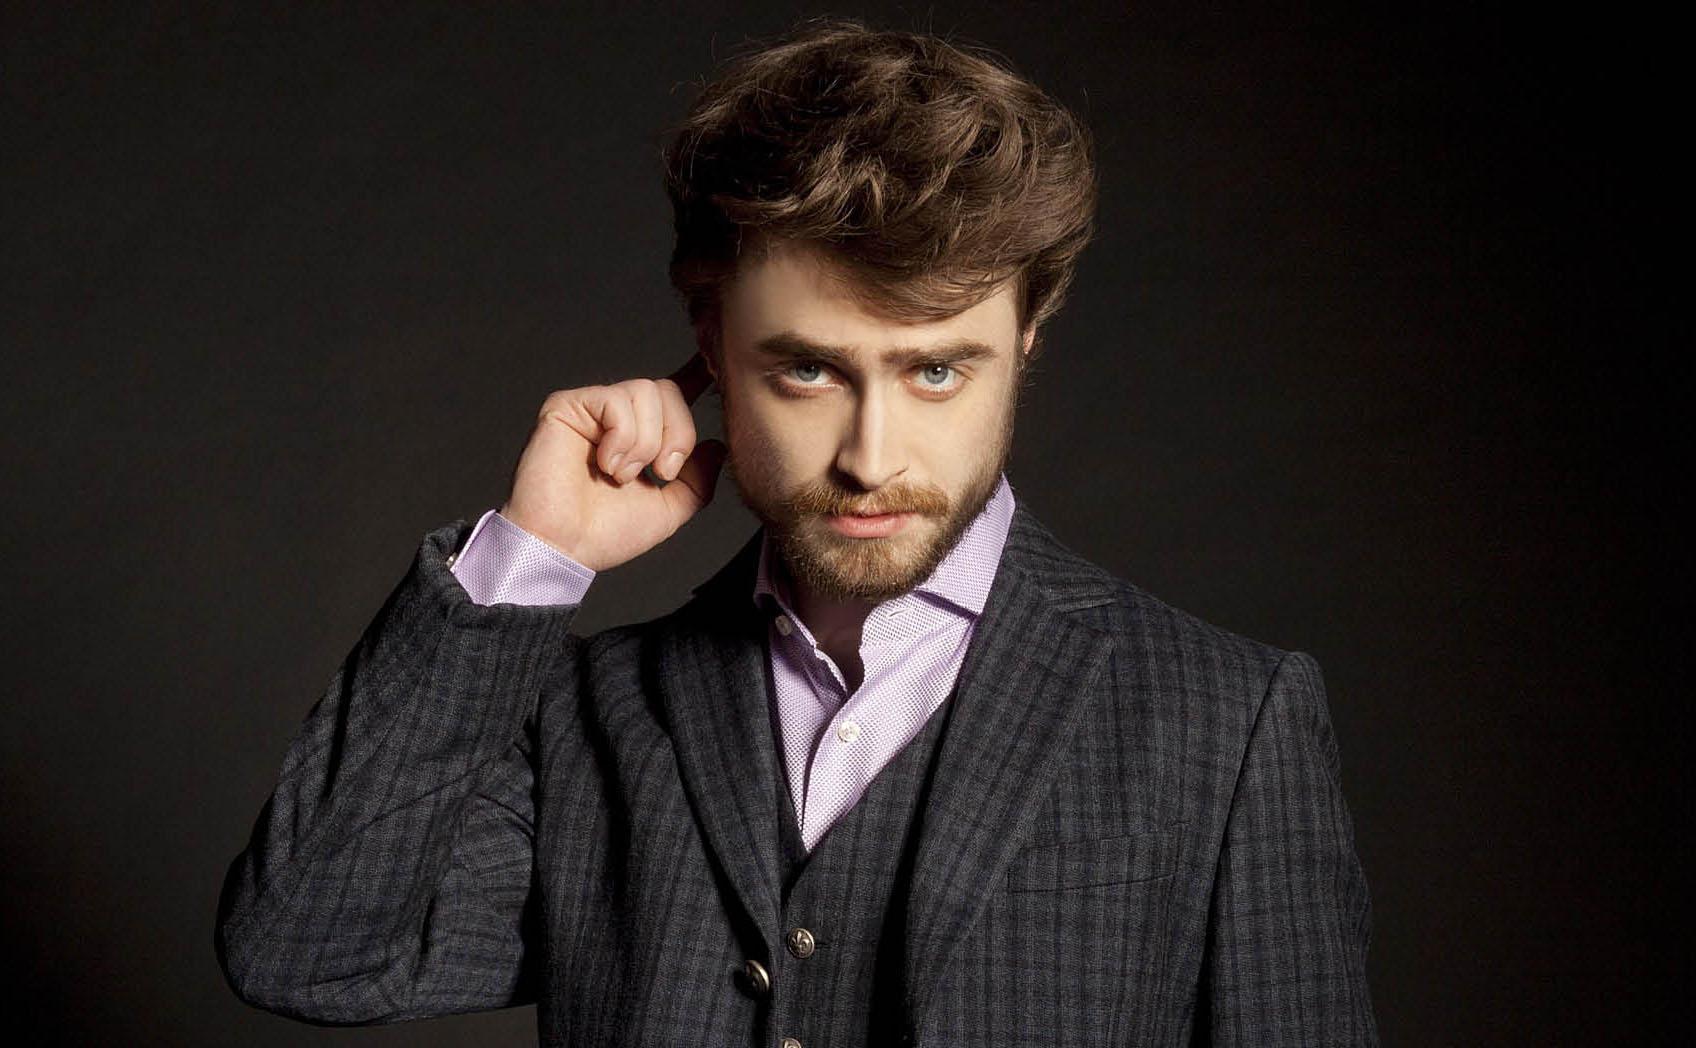 Нетолько Гарри Поттер: Дэниэлу Рэдклиффу— 31год. Вкаких фильмах ониграл?